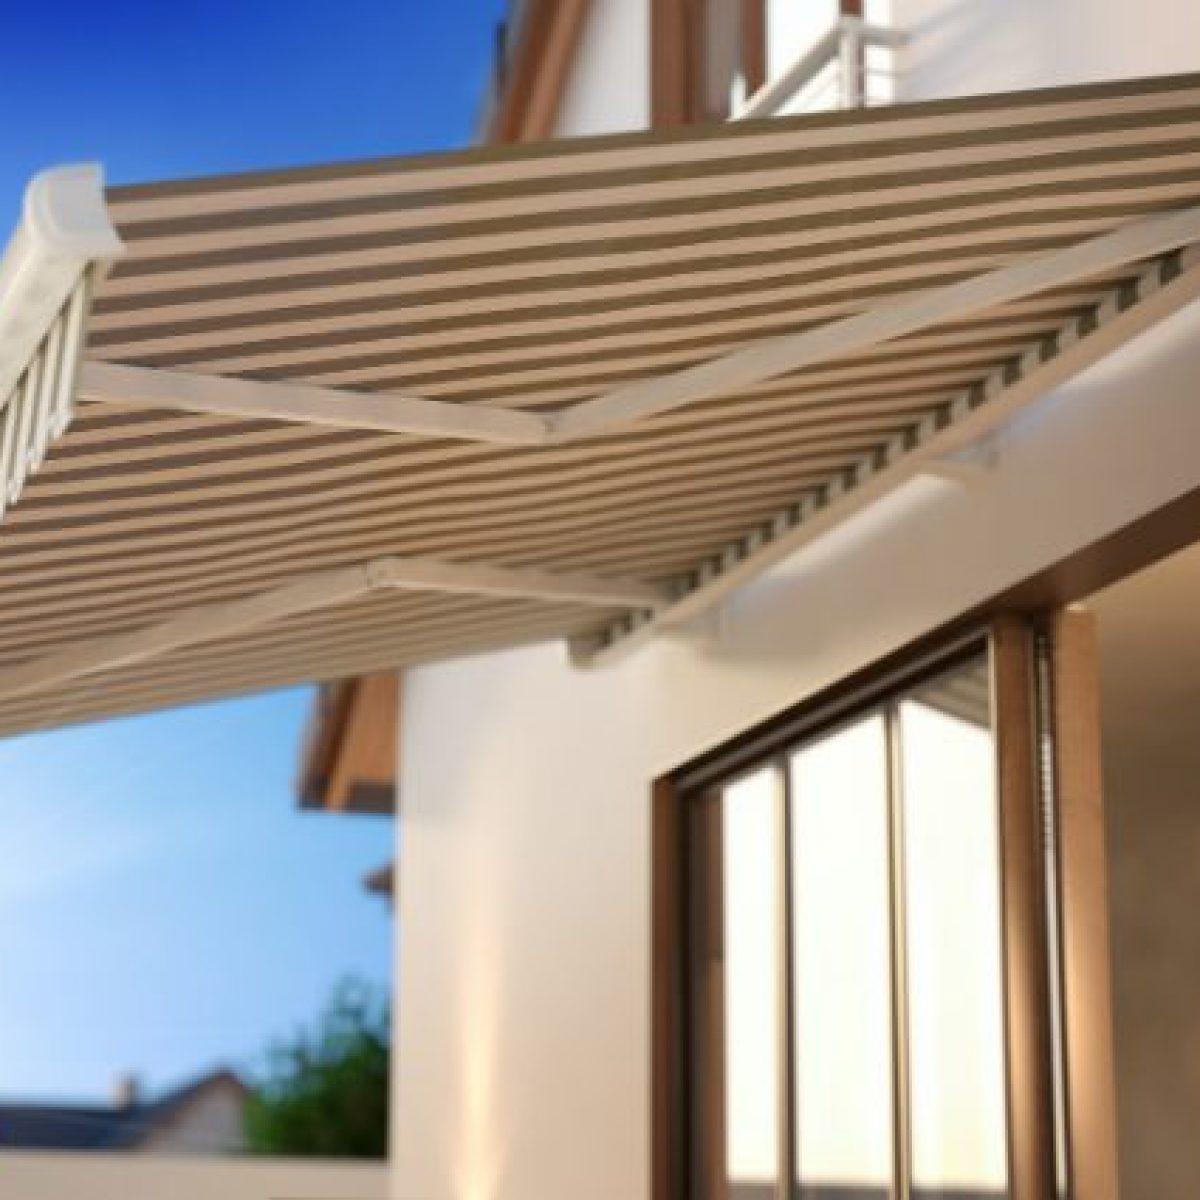 Non lavoriamo con tende a misure standard, ma creiamo tende verticali su misura per le tue esigenze. Migliori Tende Da Sole Guida All Acquisto Del 2021